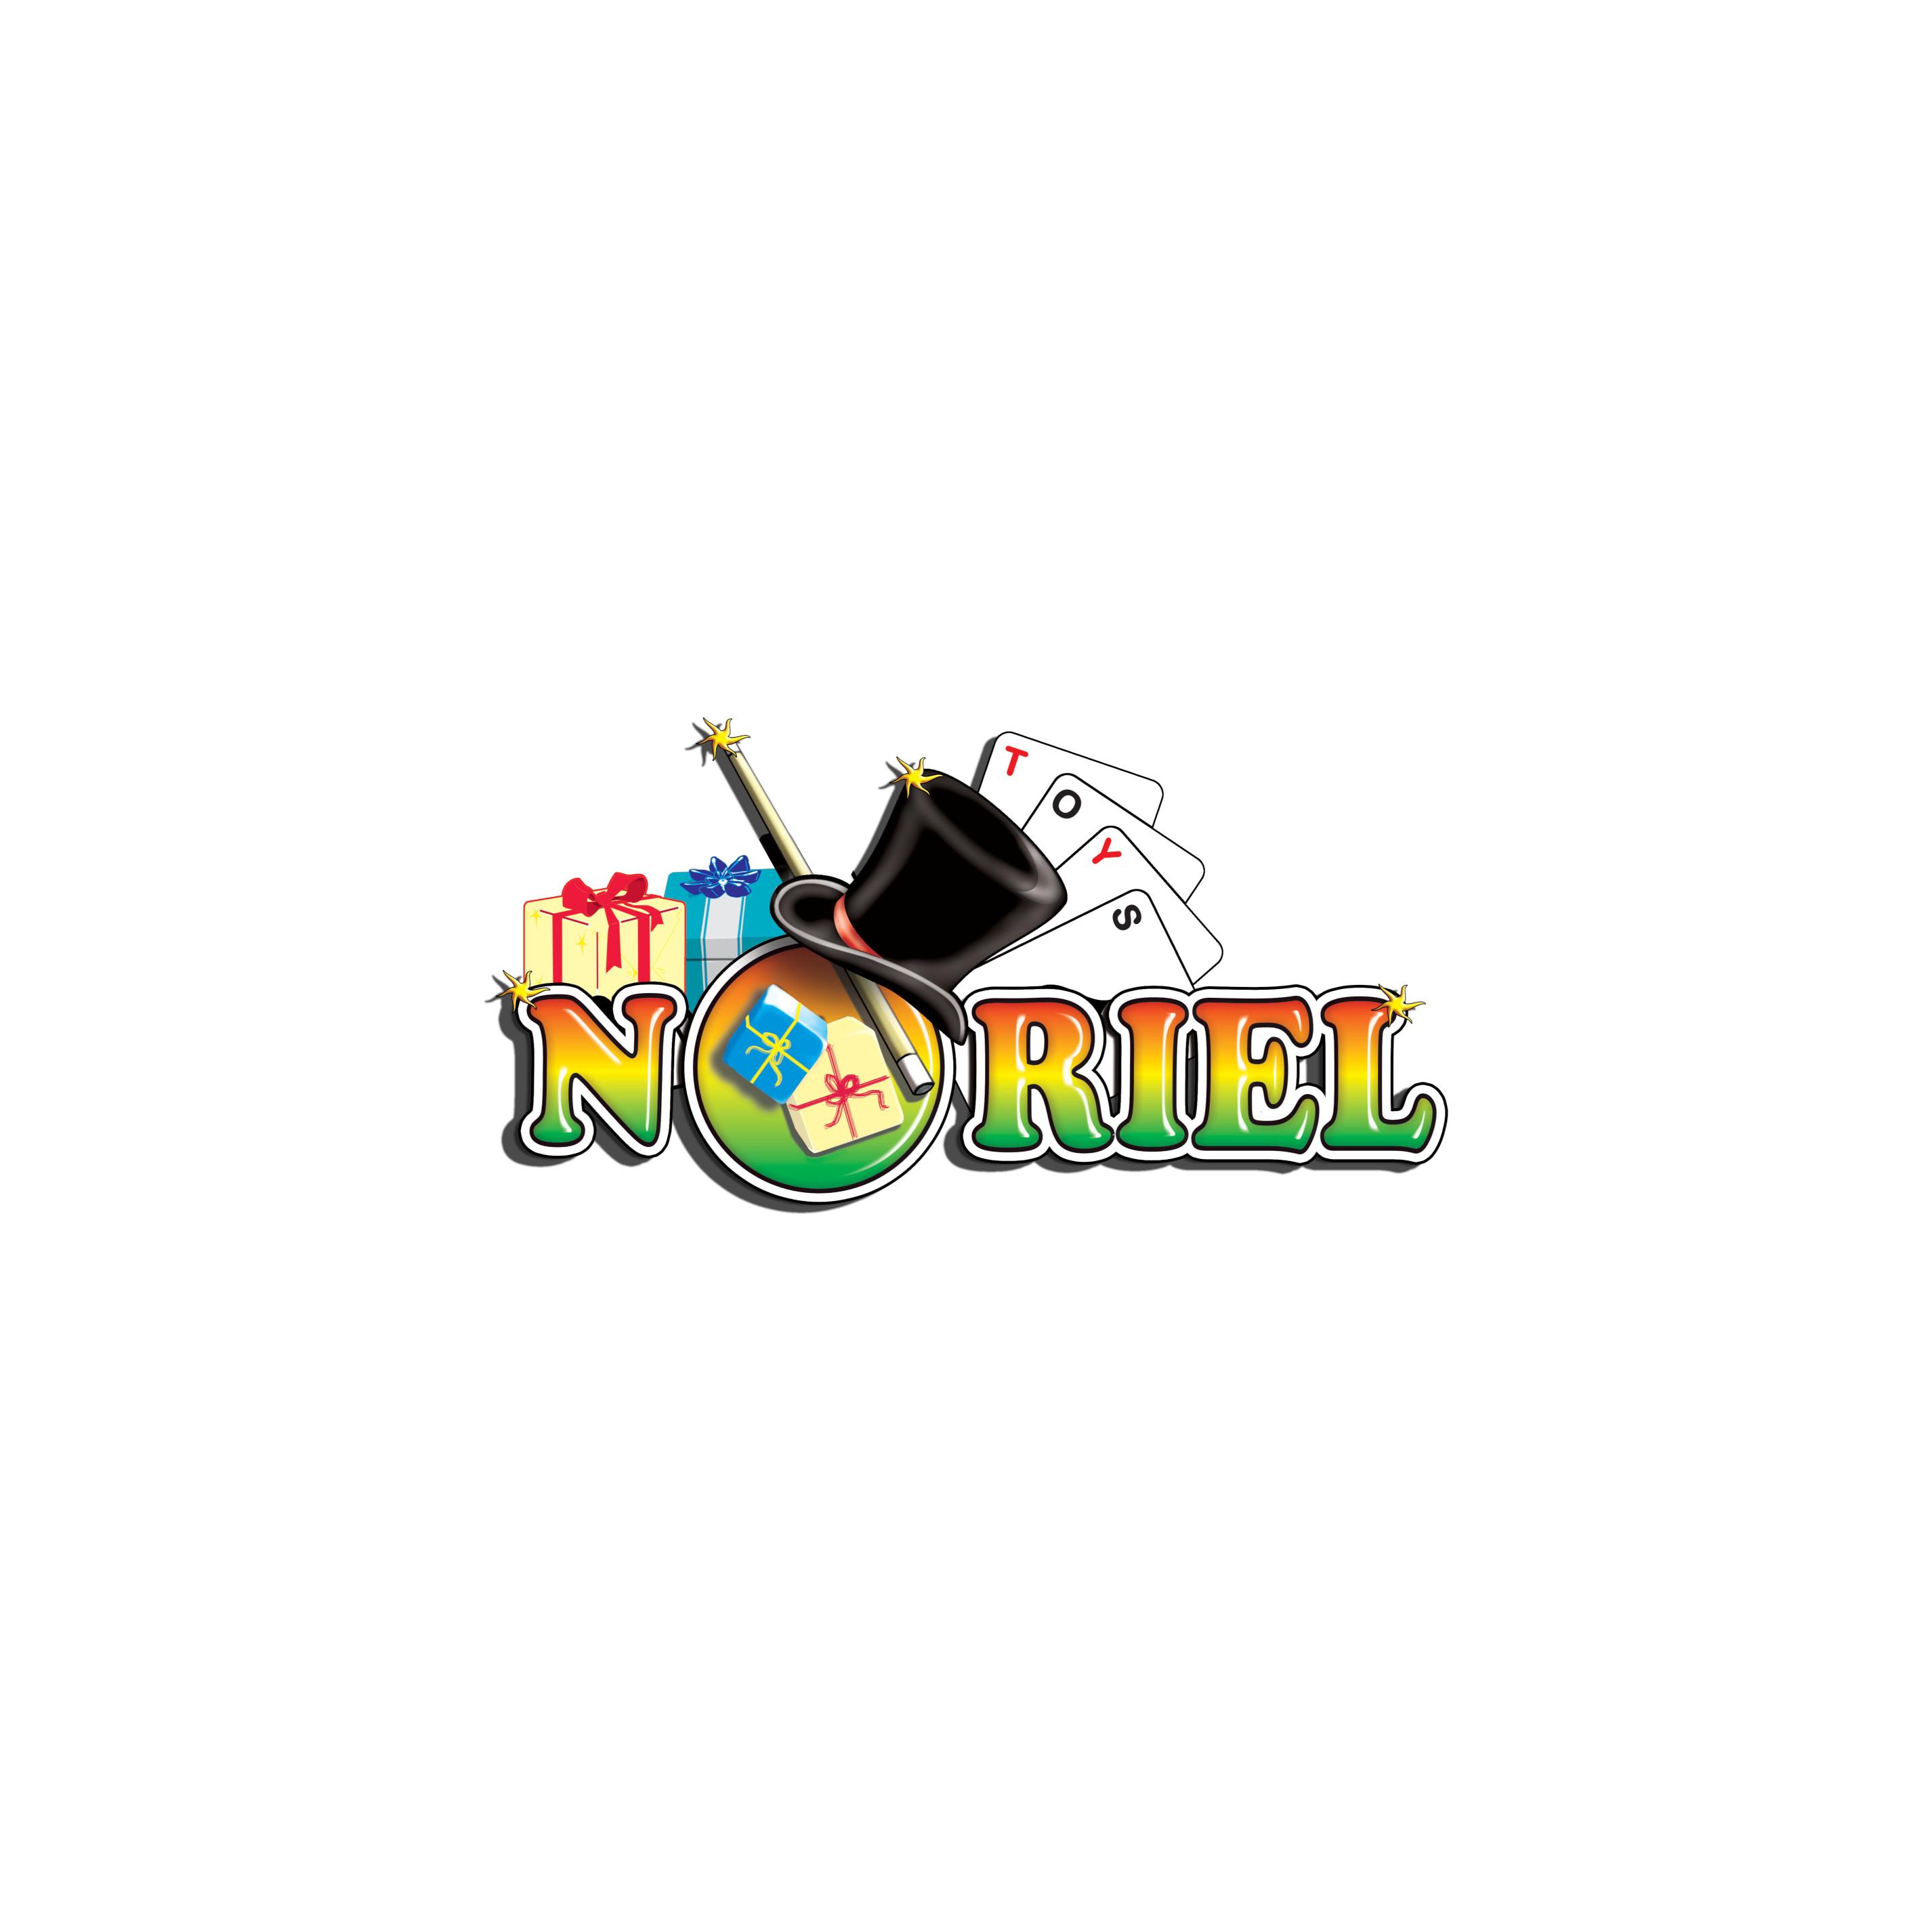 806130800_001w Olita fixa pentru copii Noriel Impulse